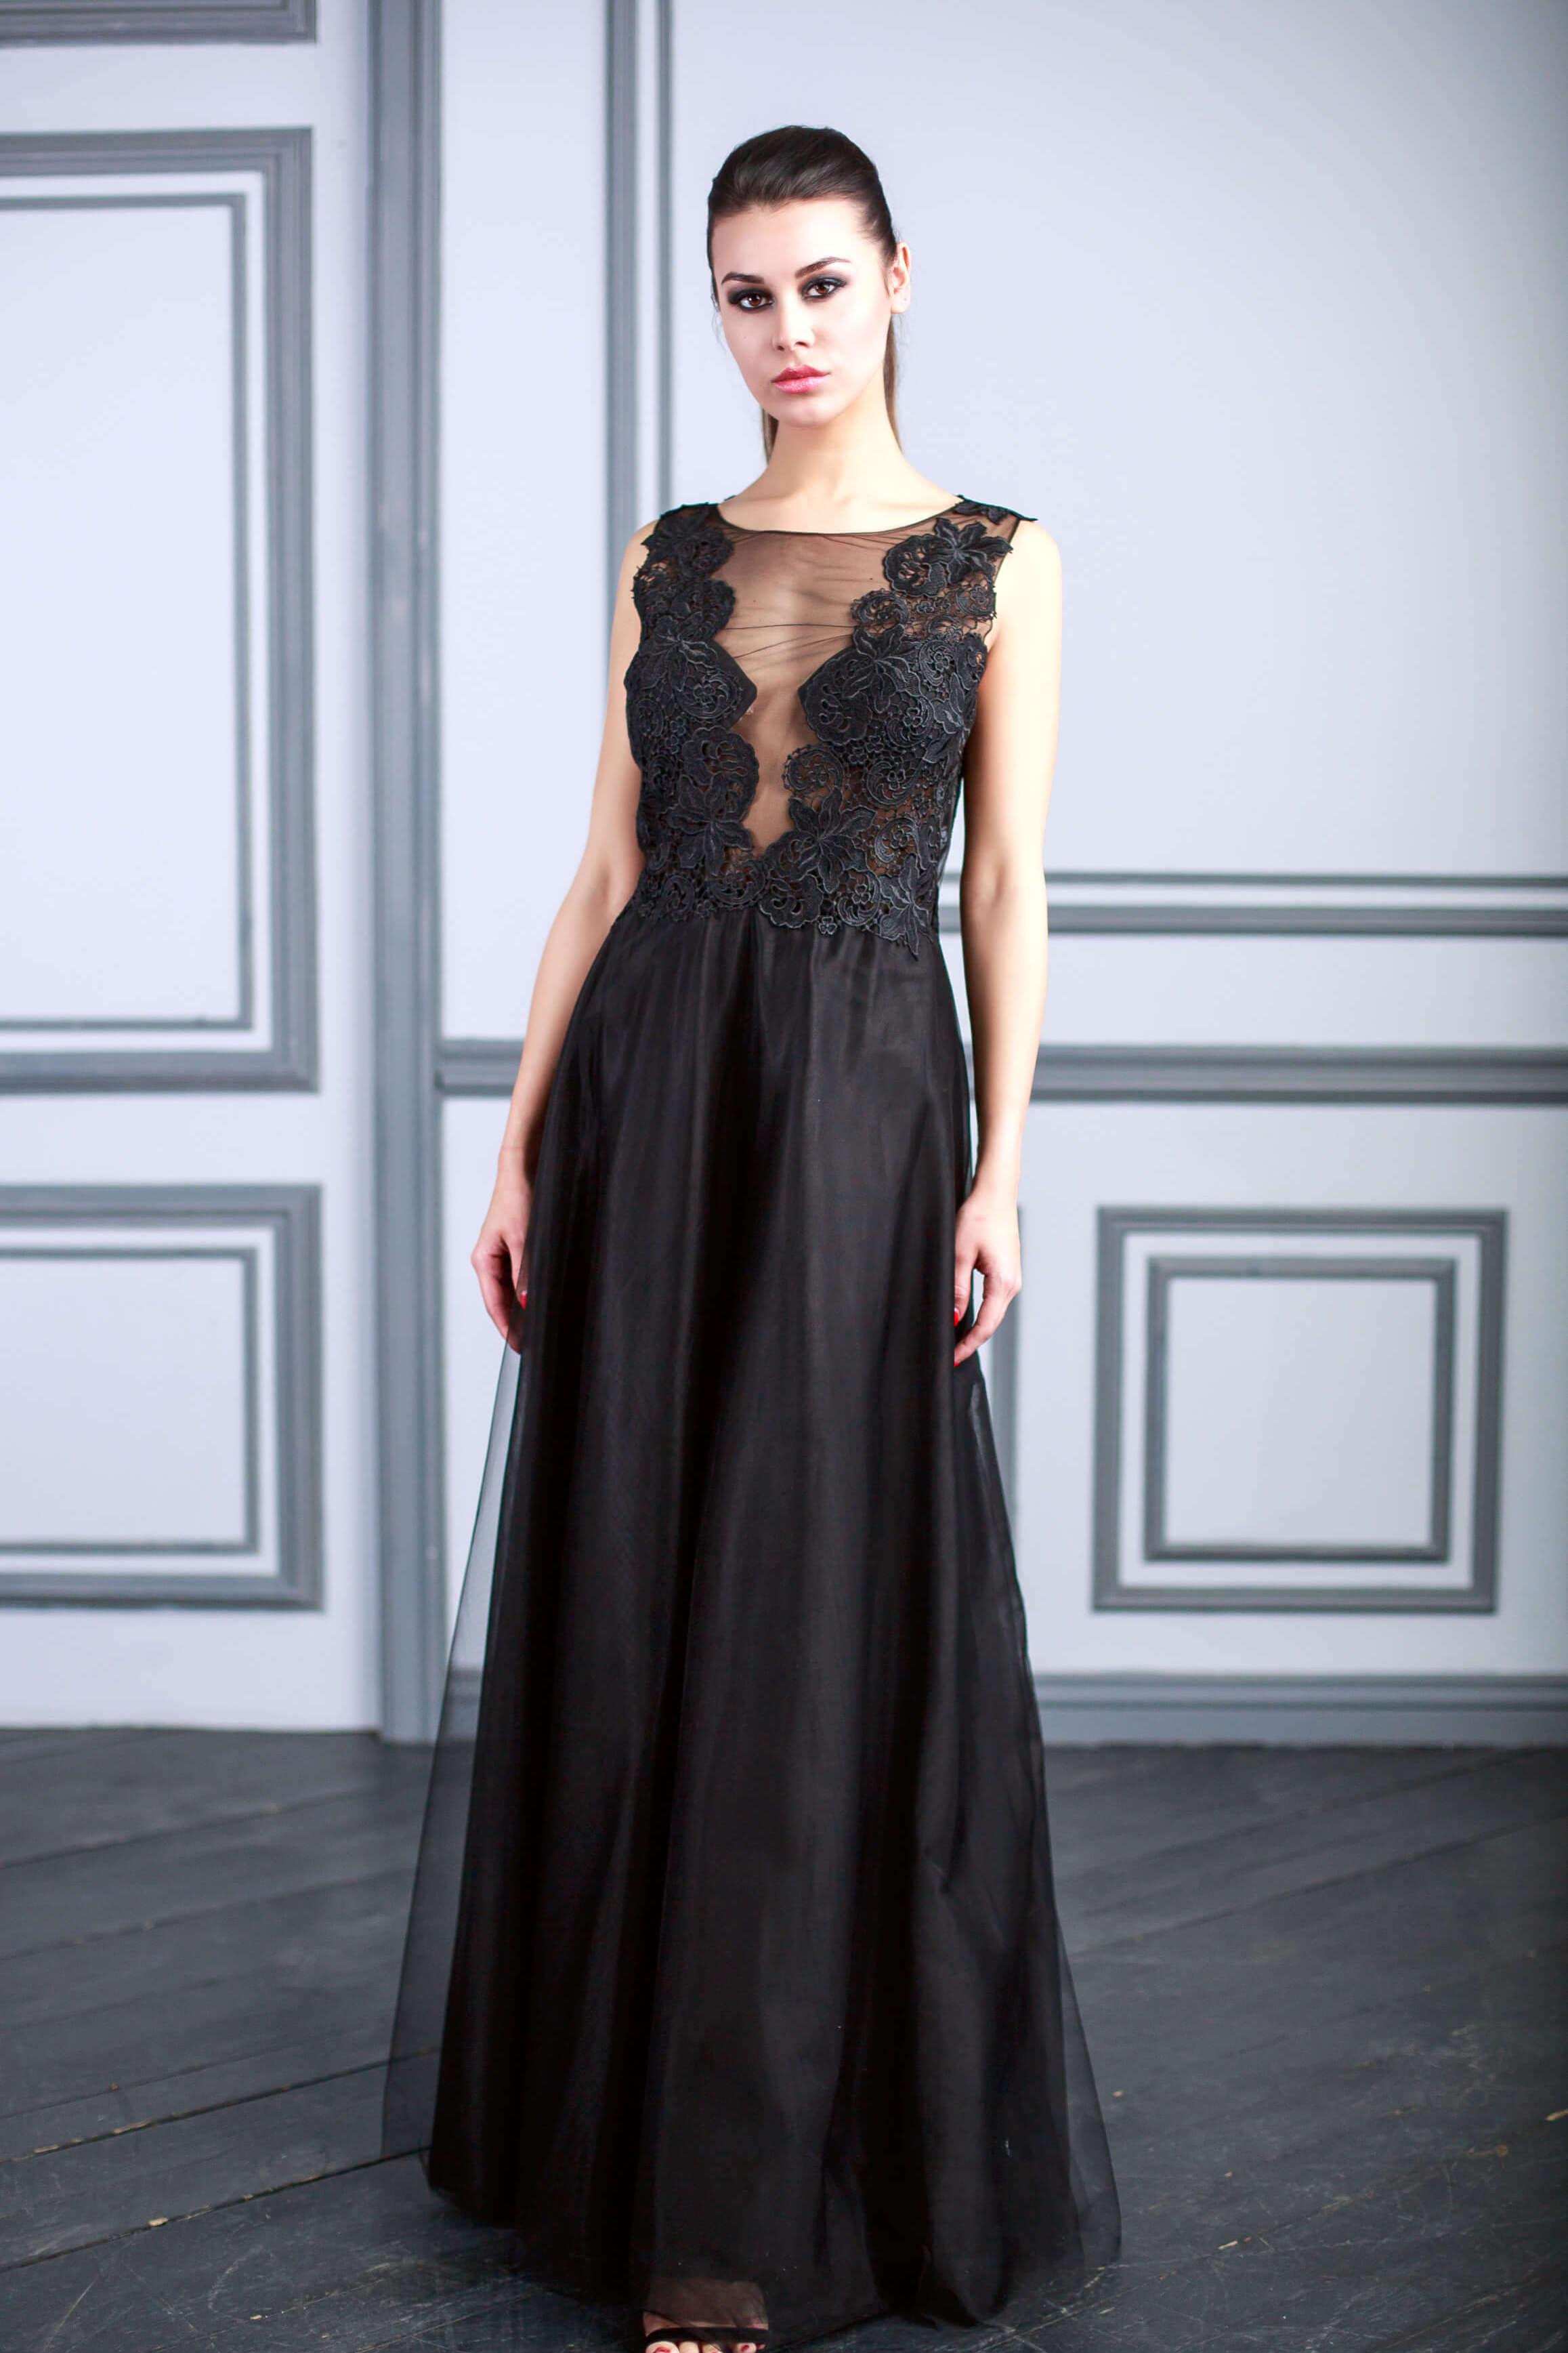 aeaf5b5d2fc Вечернее черное платье купить в Москве — в салоне Valentina Polli!